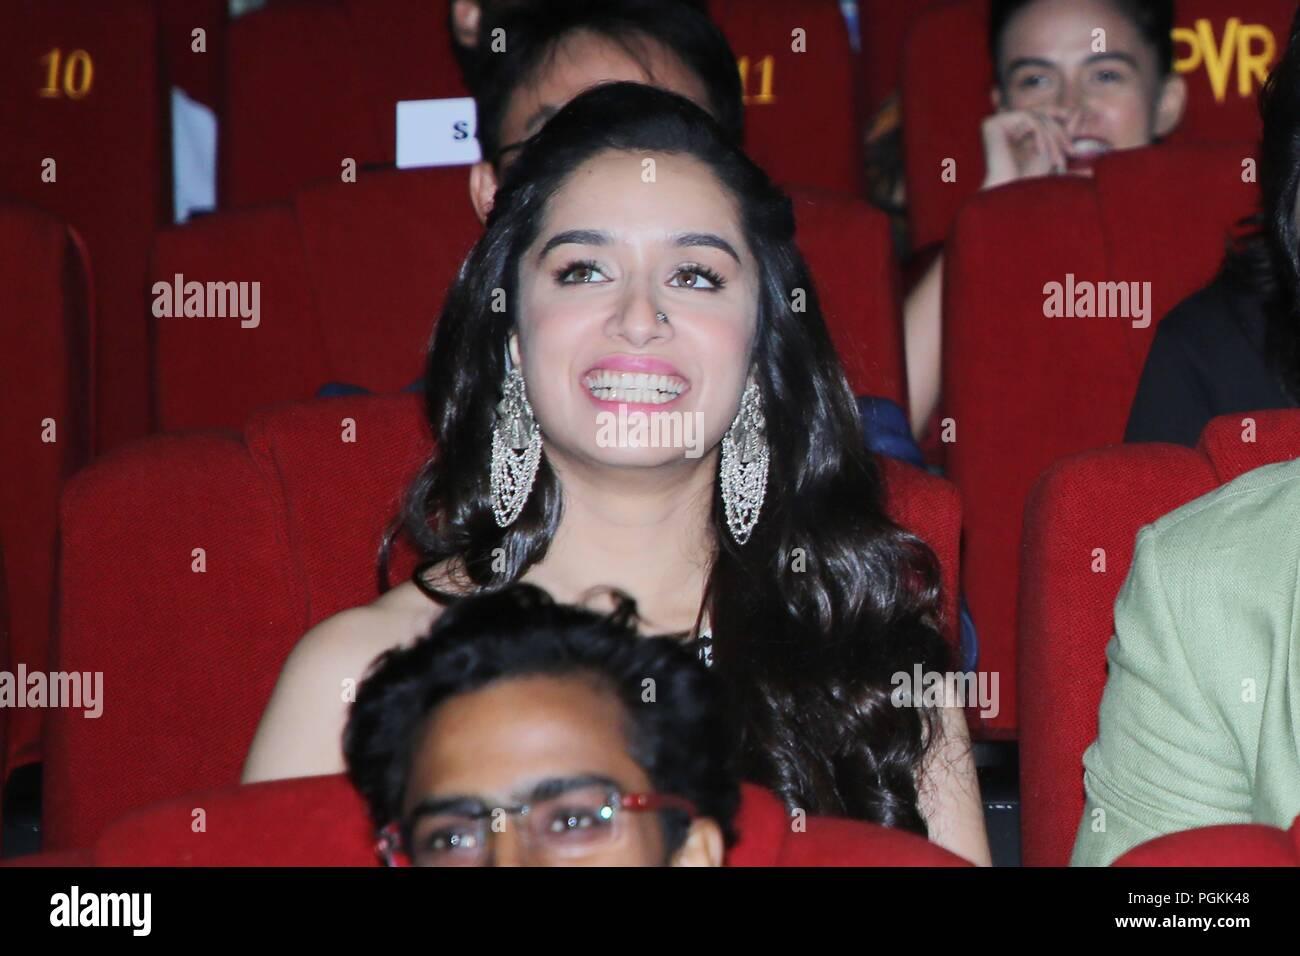 New Delhi India 27th Aug 2018 Bollywood Actress Shradha Kapoor